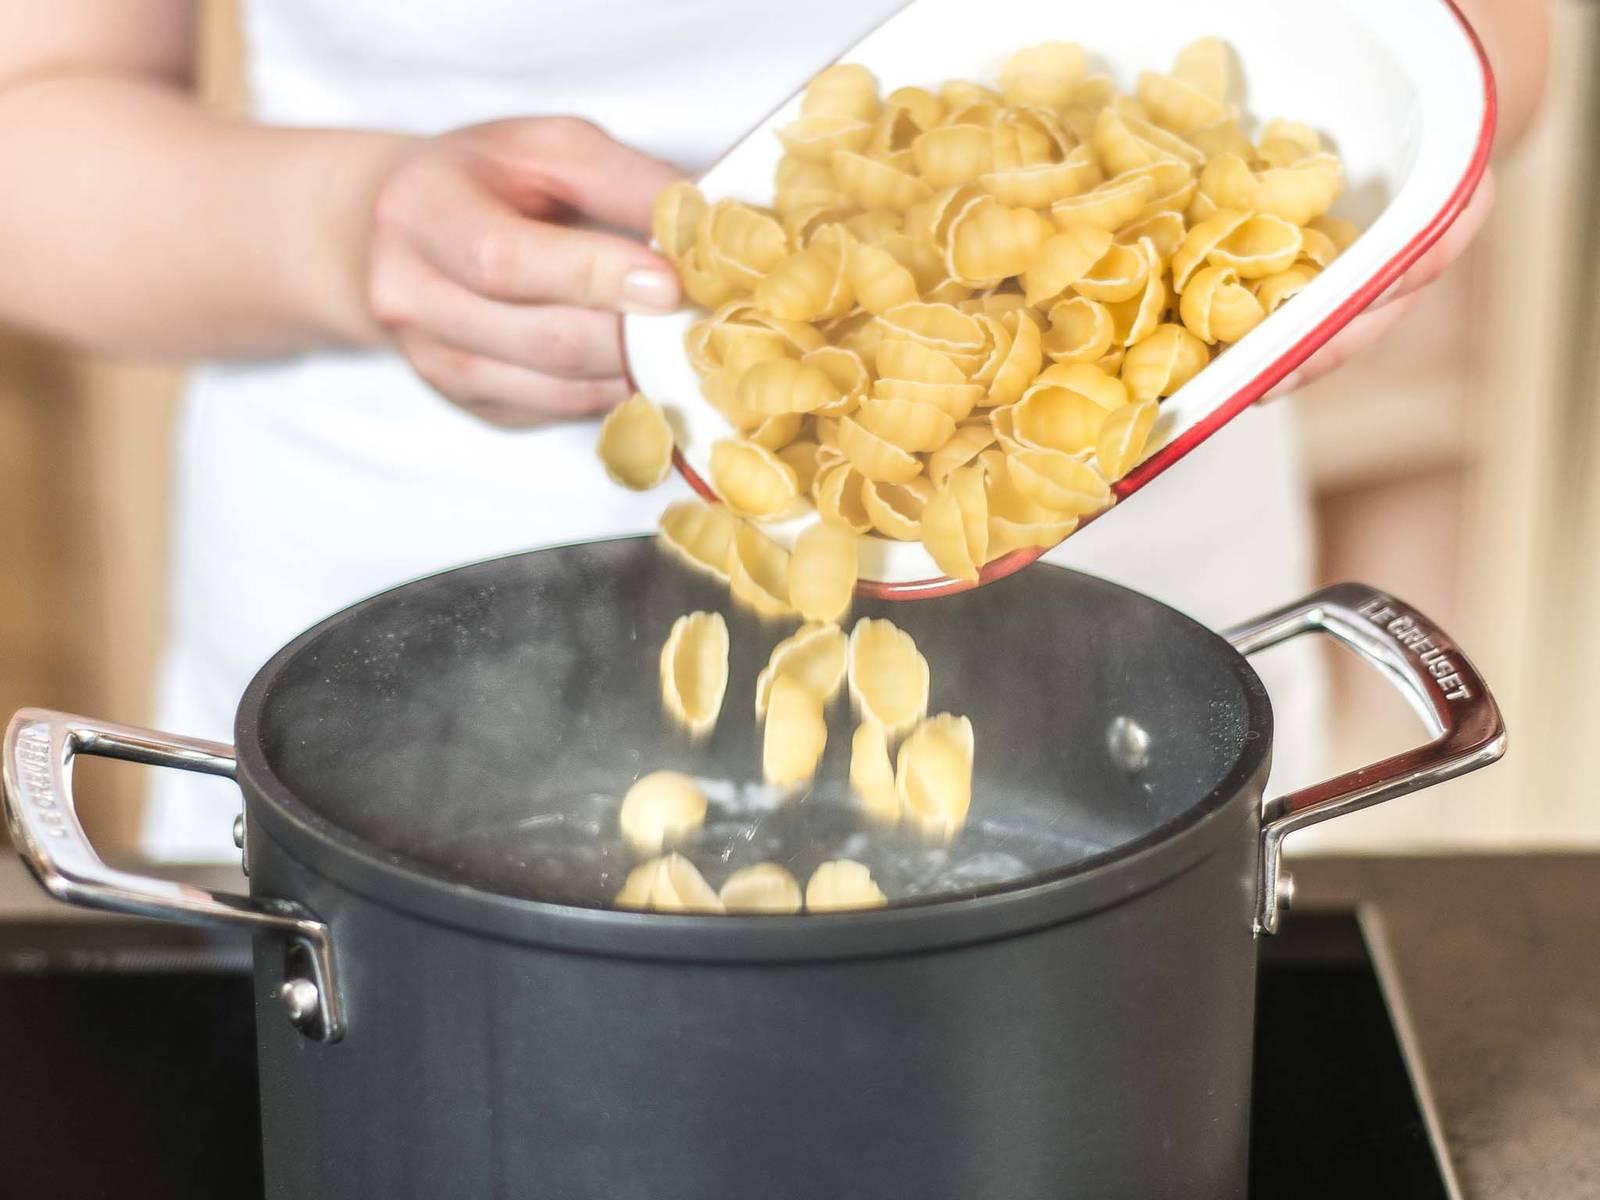 Pasta nach Packungsanleitung in siedendem Salzwasser al dente kochen. Anschließend abgießen und beiseitestellen.